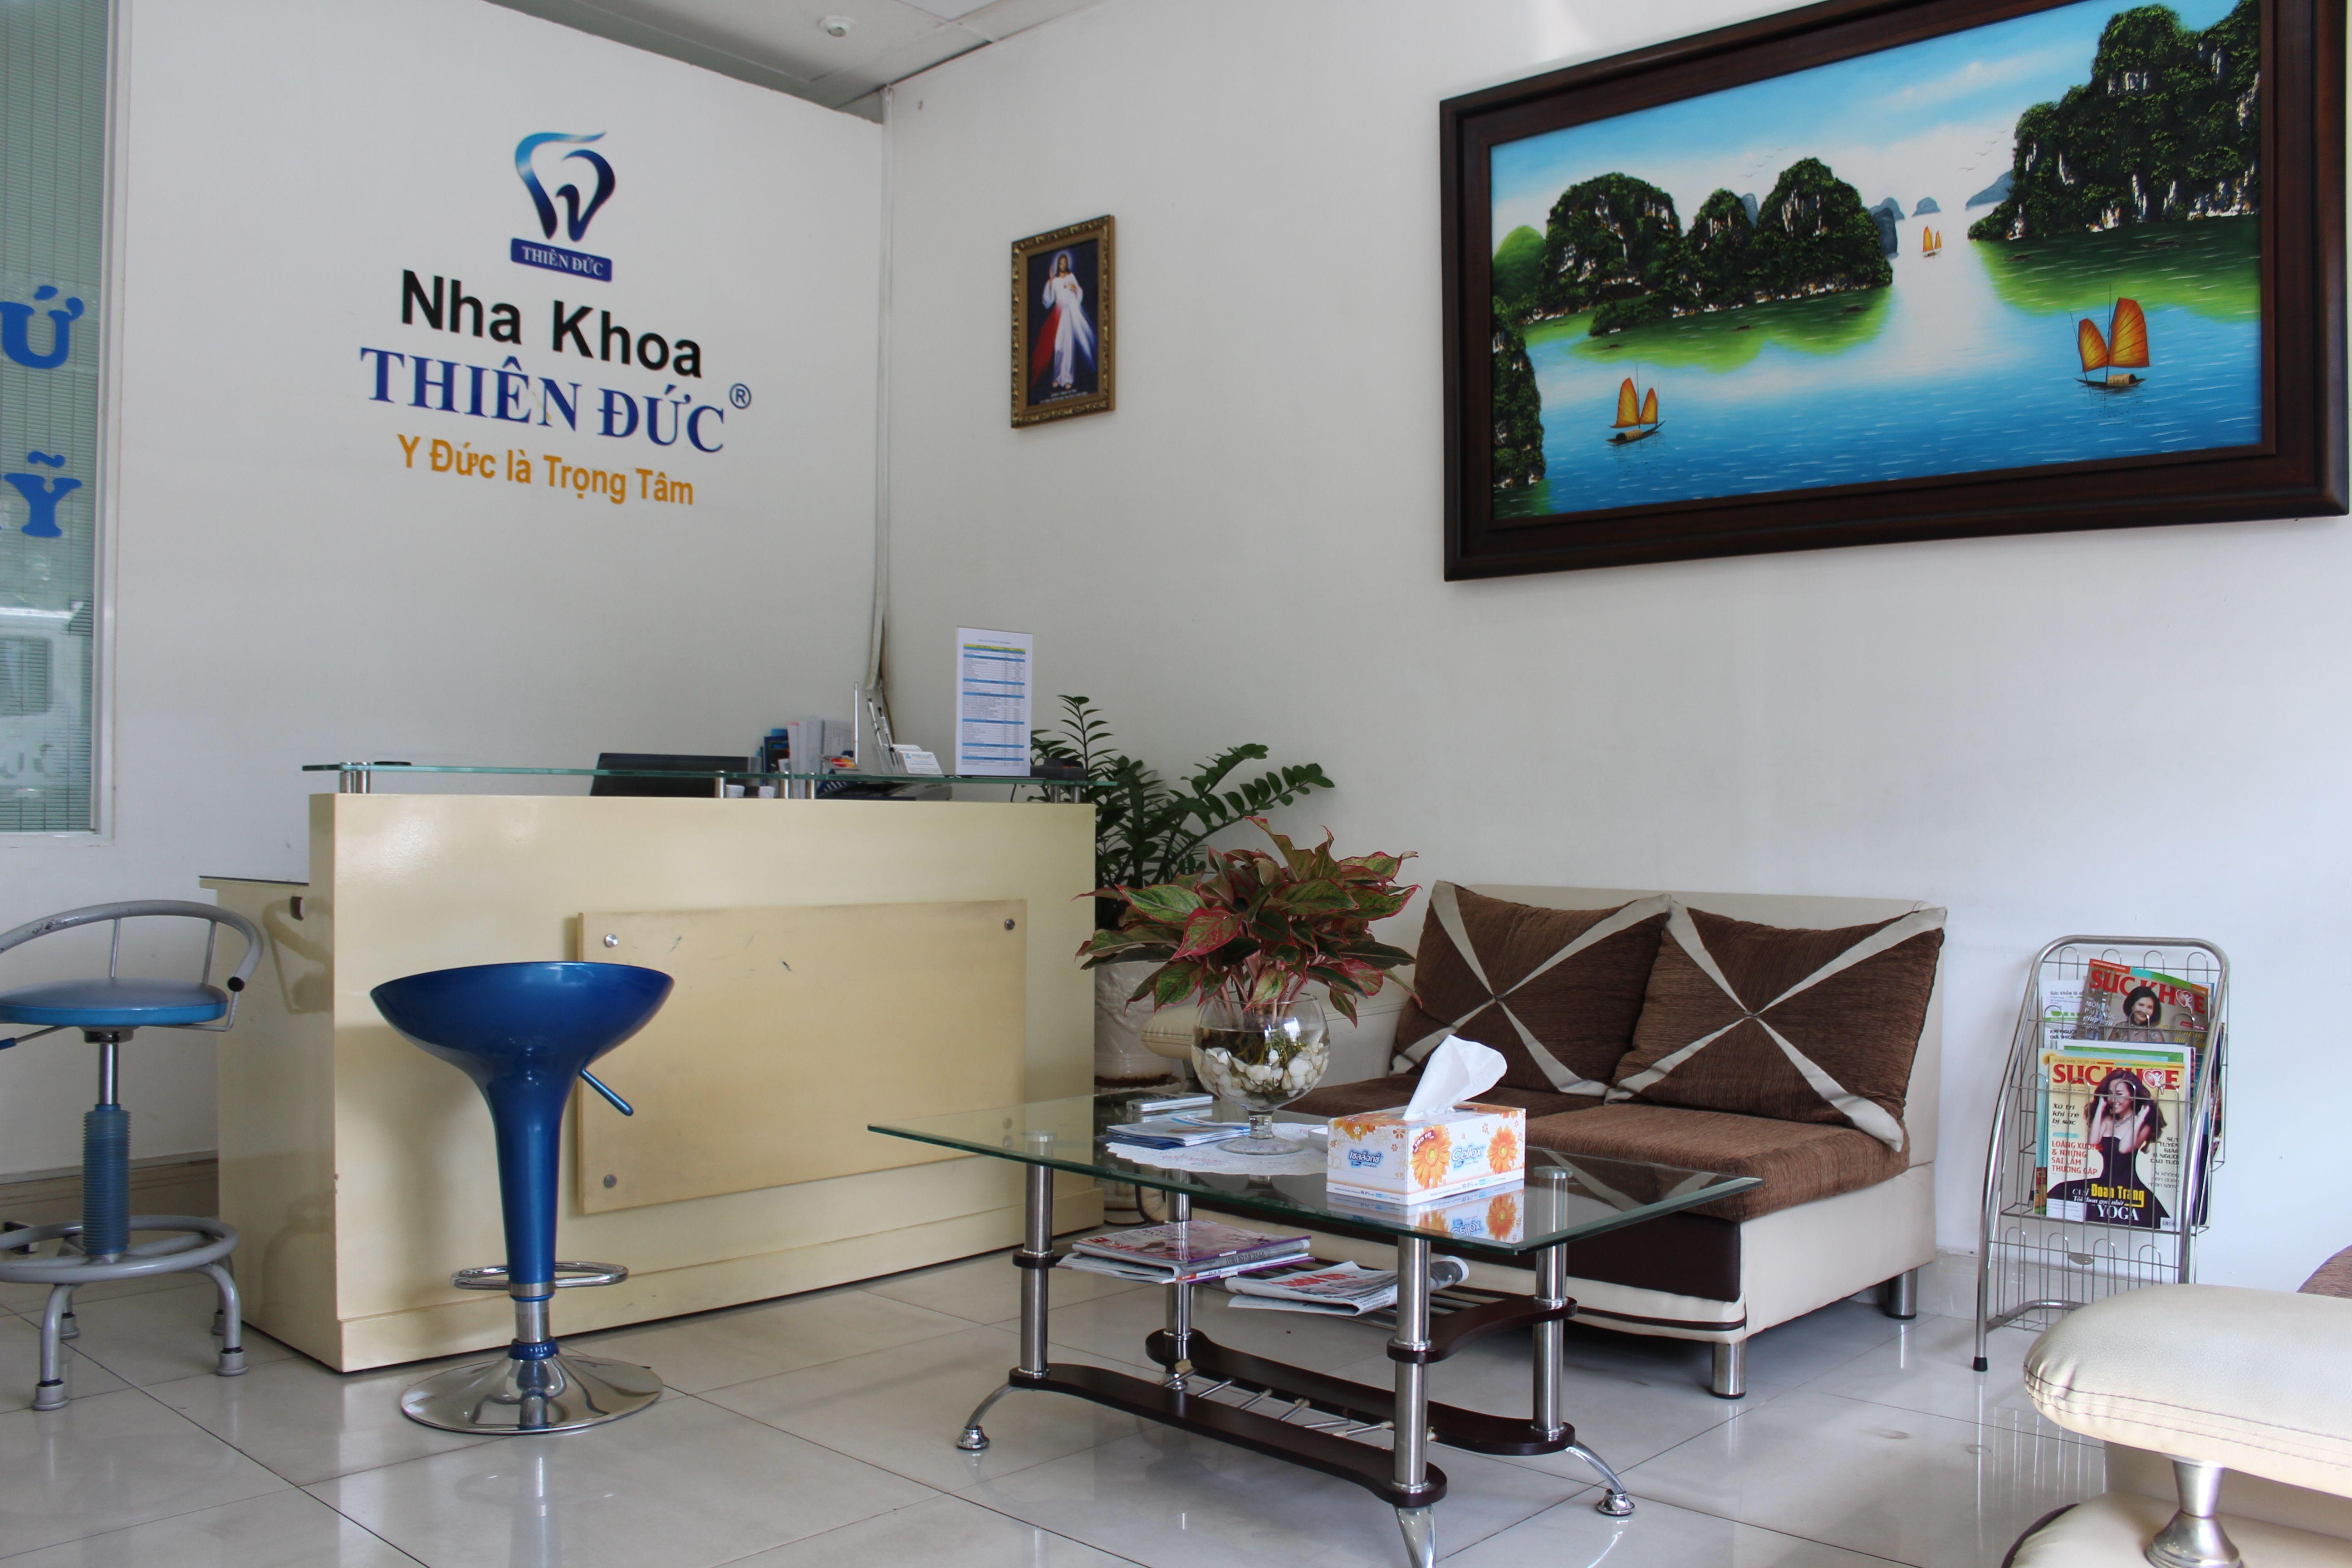 Thien Duc Dental Clinic